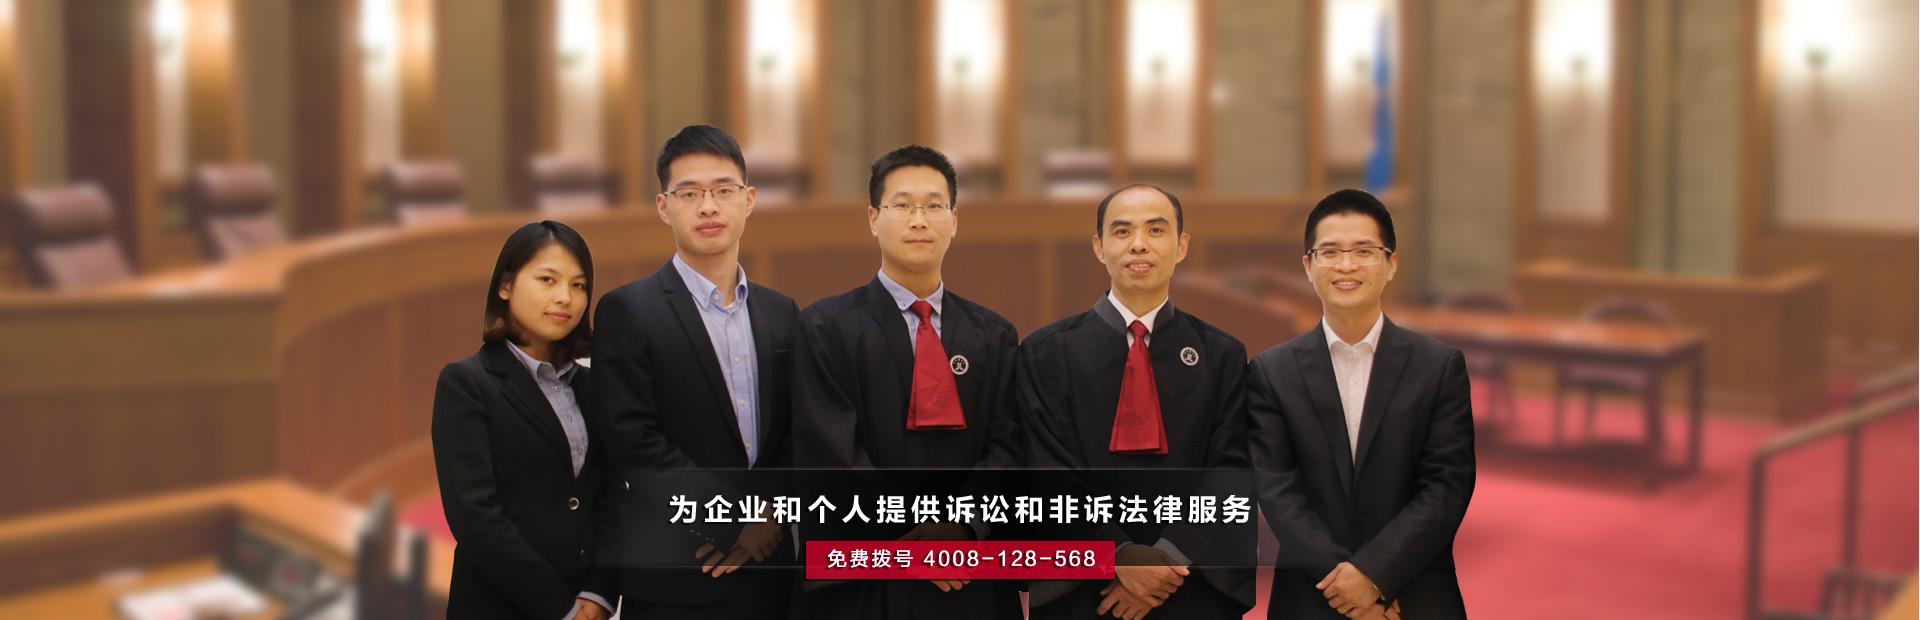 张全明律师大图3